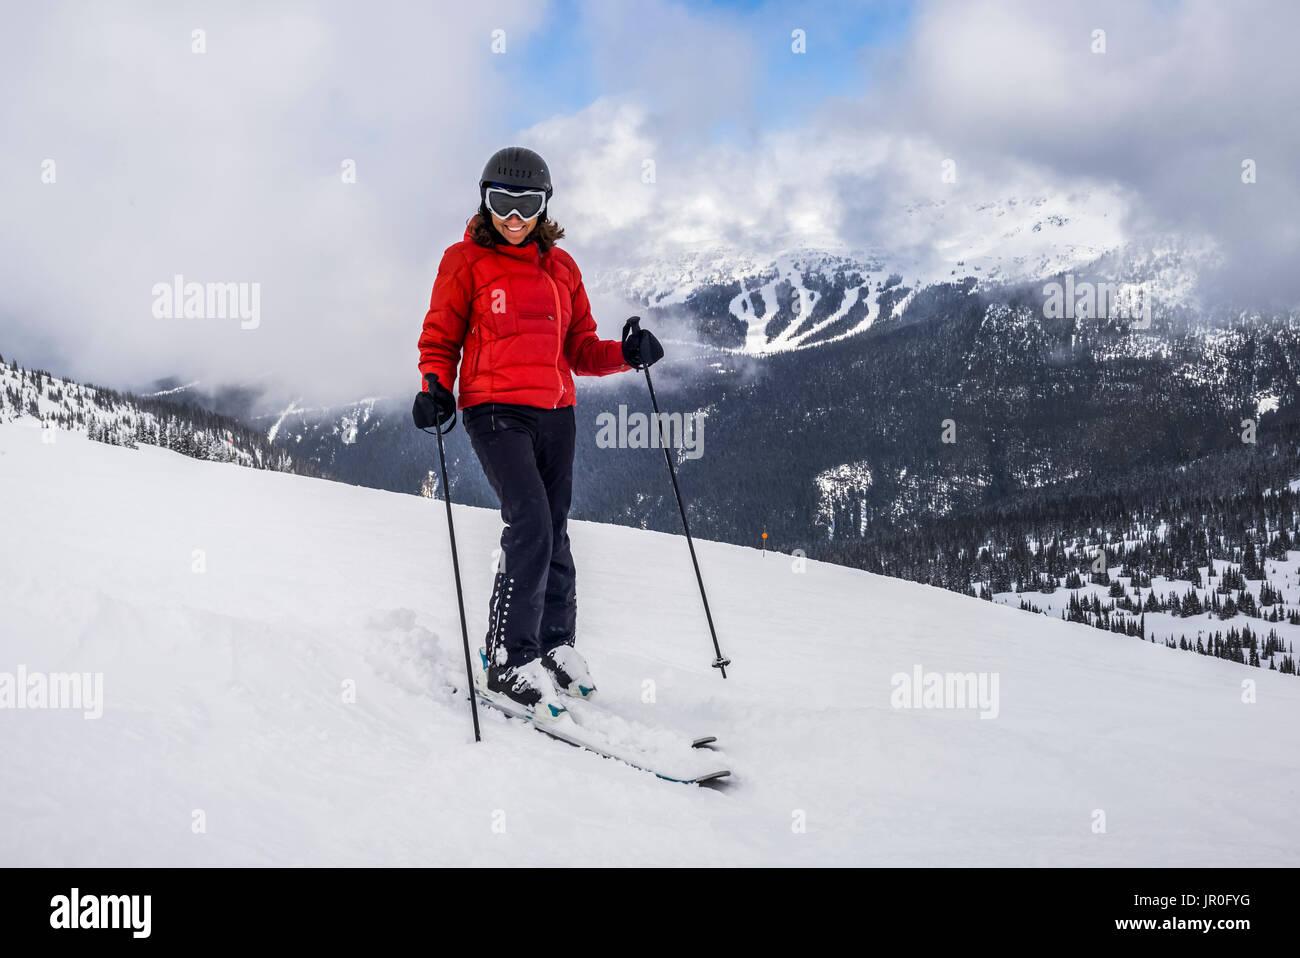 Eine weibliche Skifahrer posiert für die Kamera auf einem Ski Hill zu einem Skigebiet, Whistler, British Columbia, Kanada Stockbild